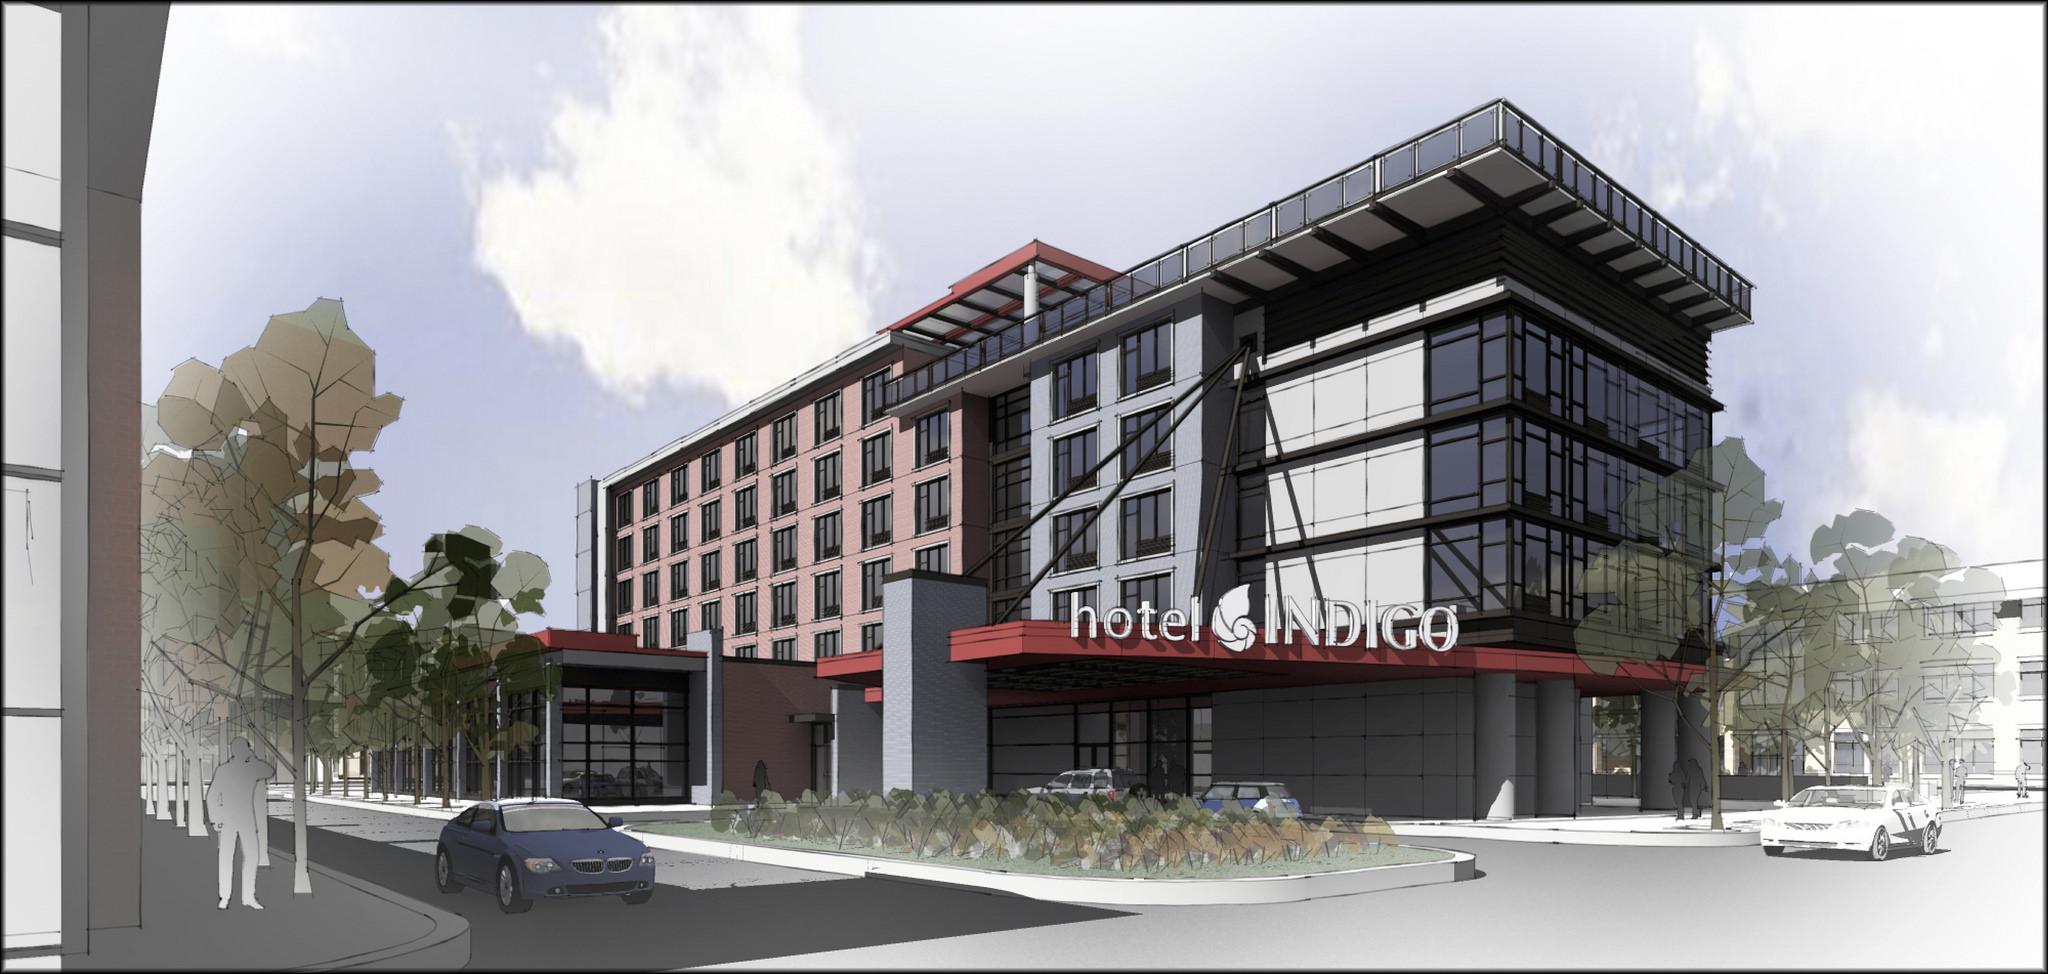 Ihg To Open 120 Room Hotel Indigo At Celebration Pointe In Gainesville Fla